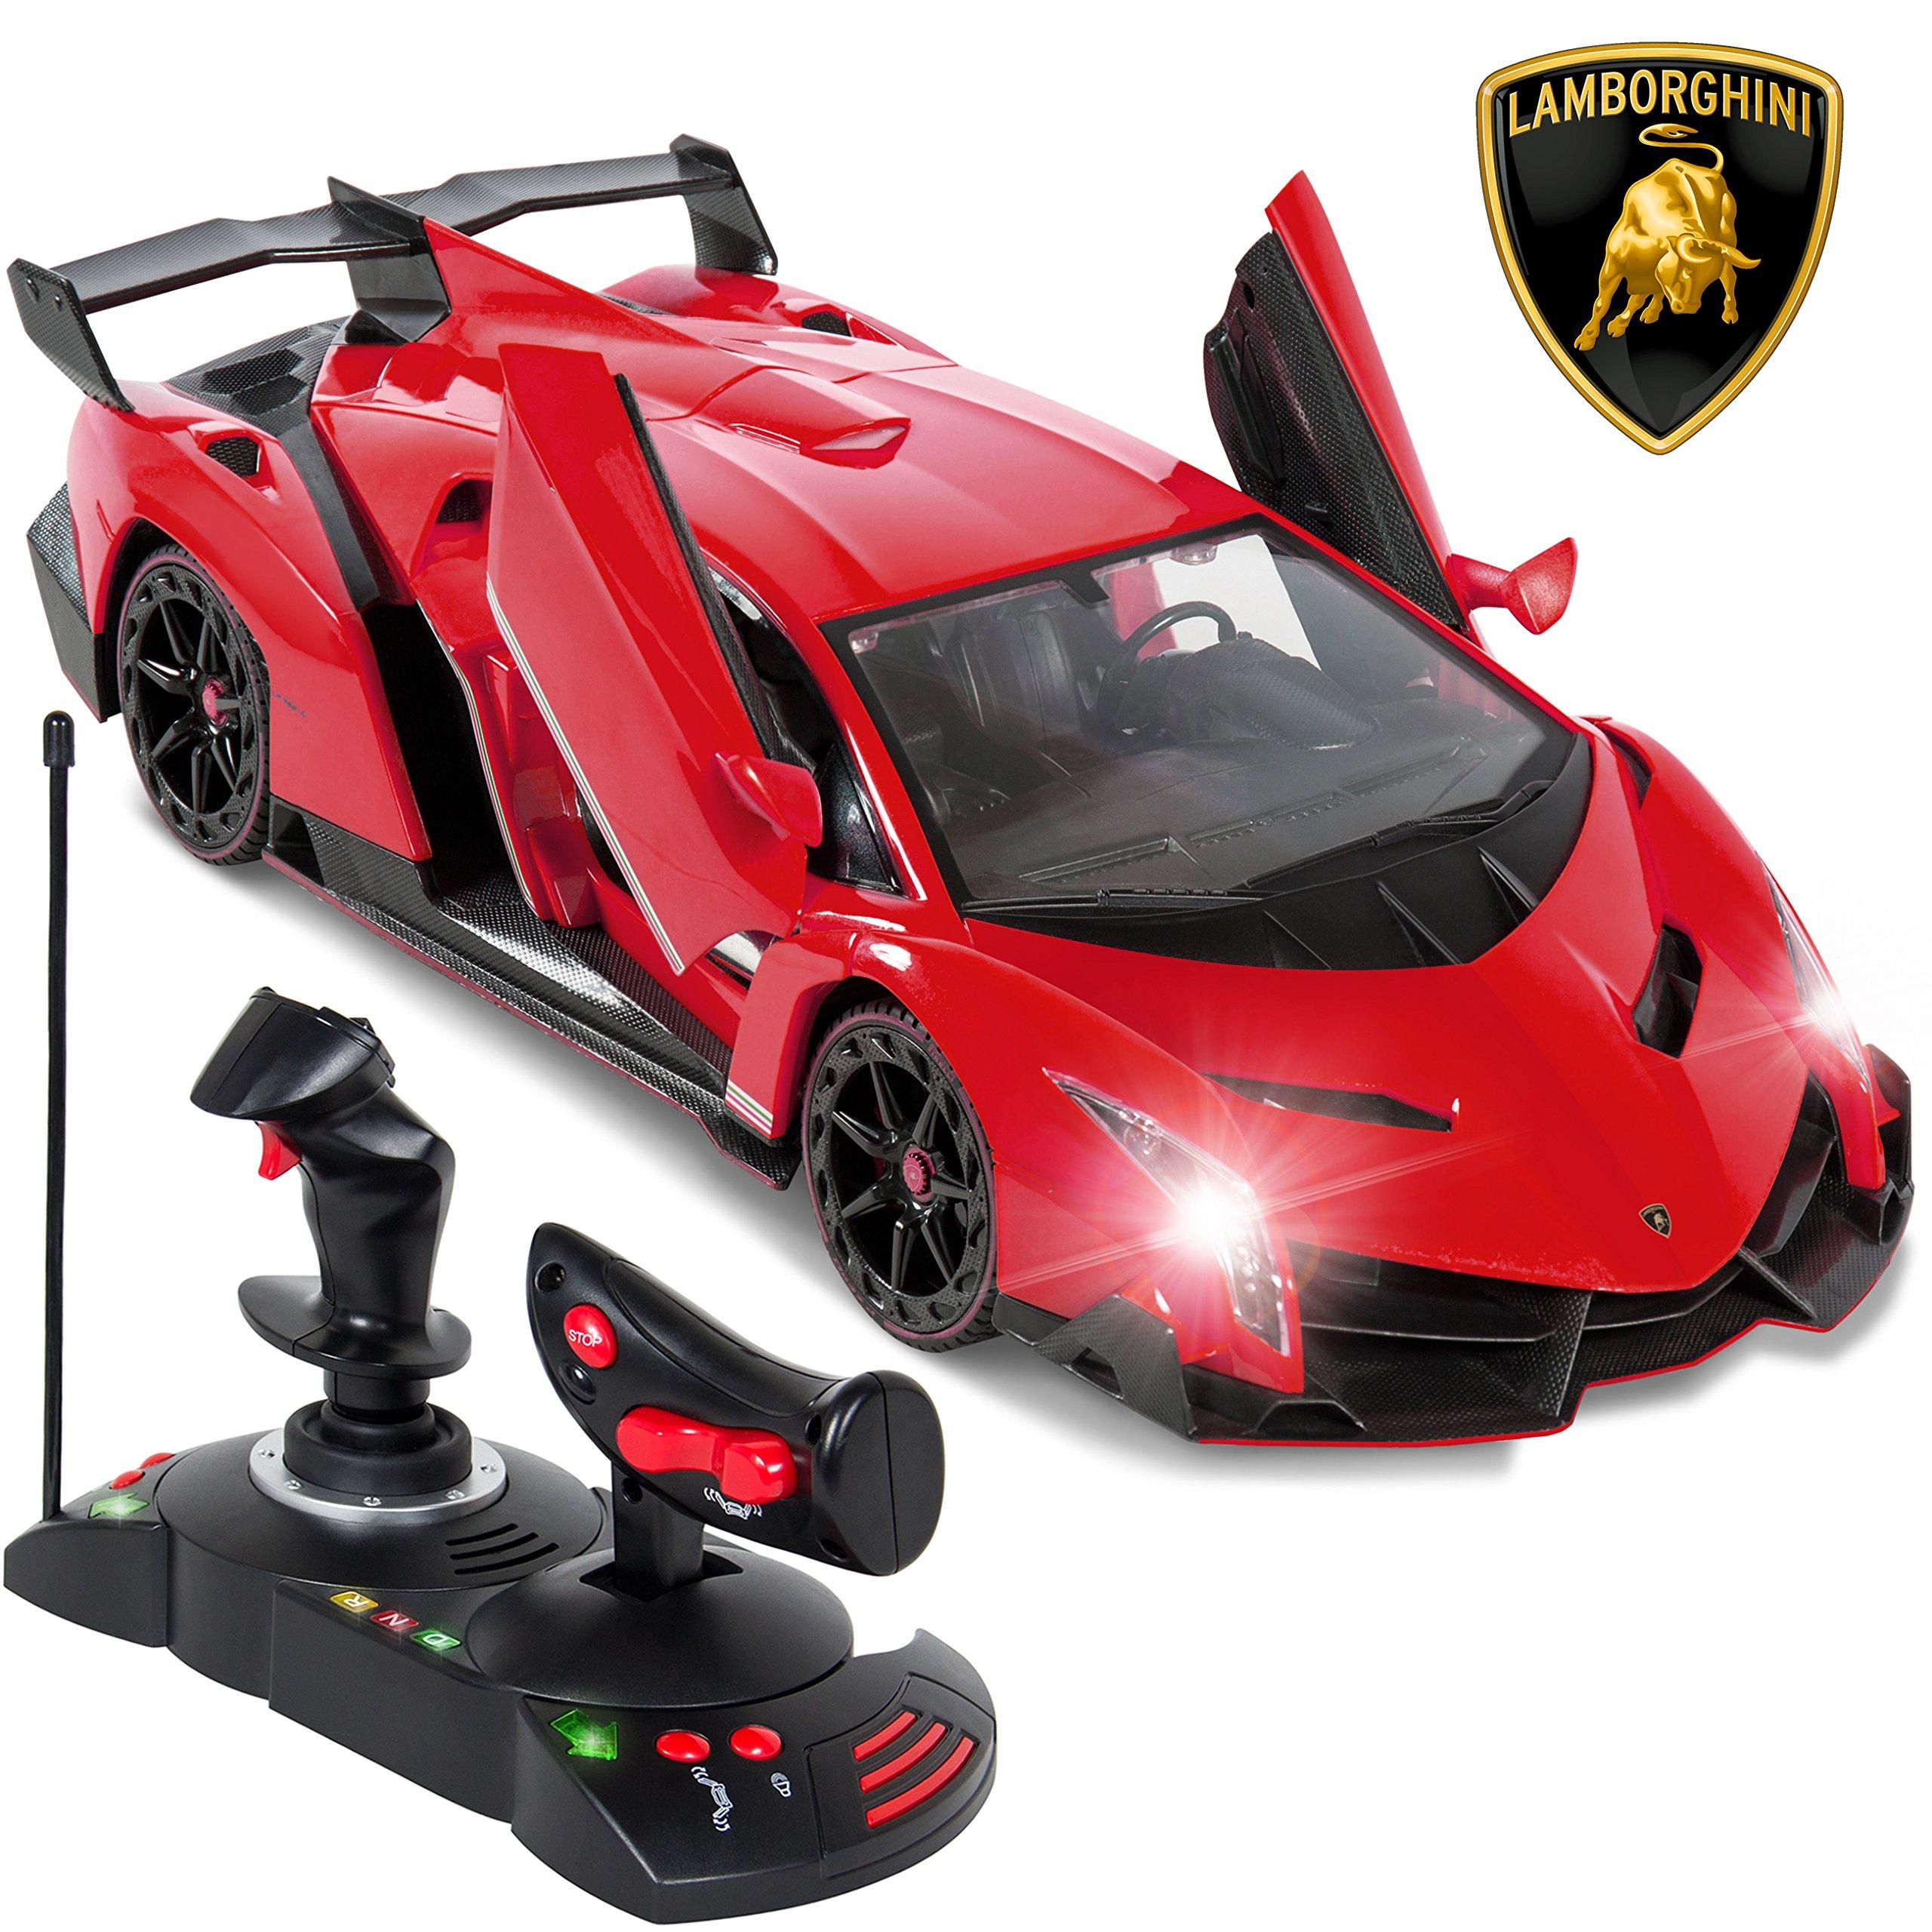 Buy Remote Control Lamborghini Veneno Car Now!